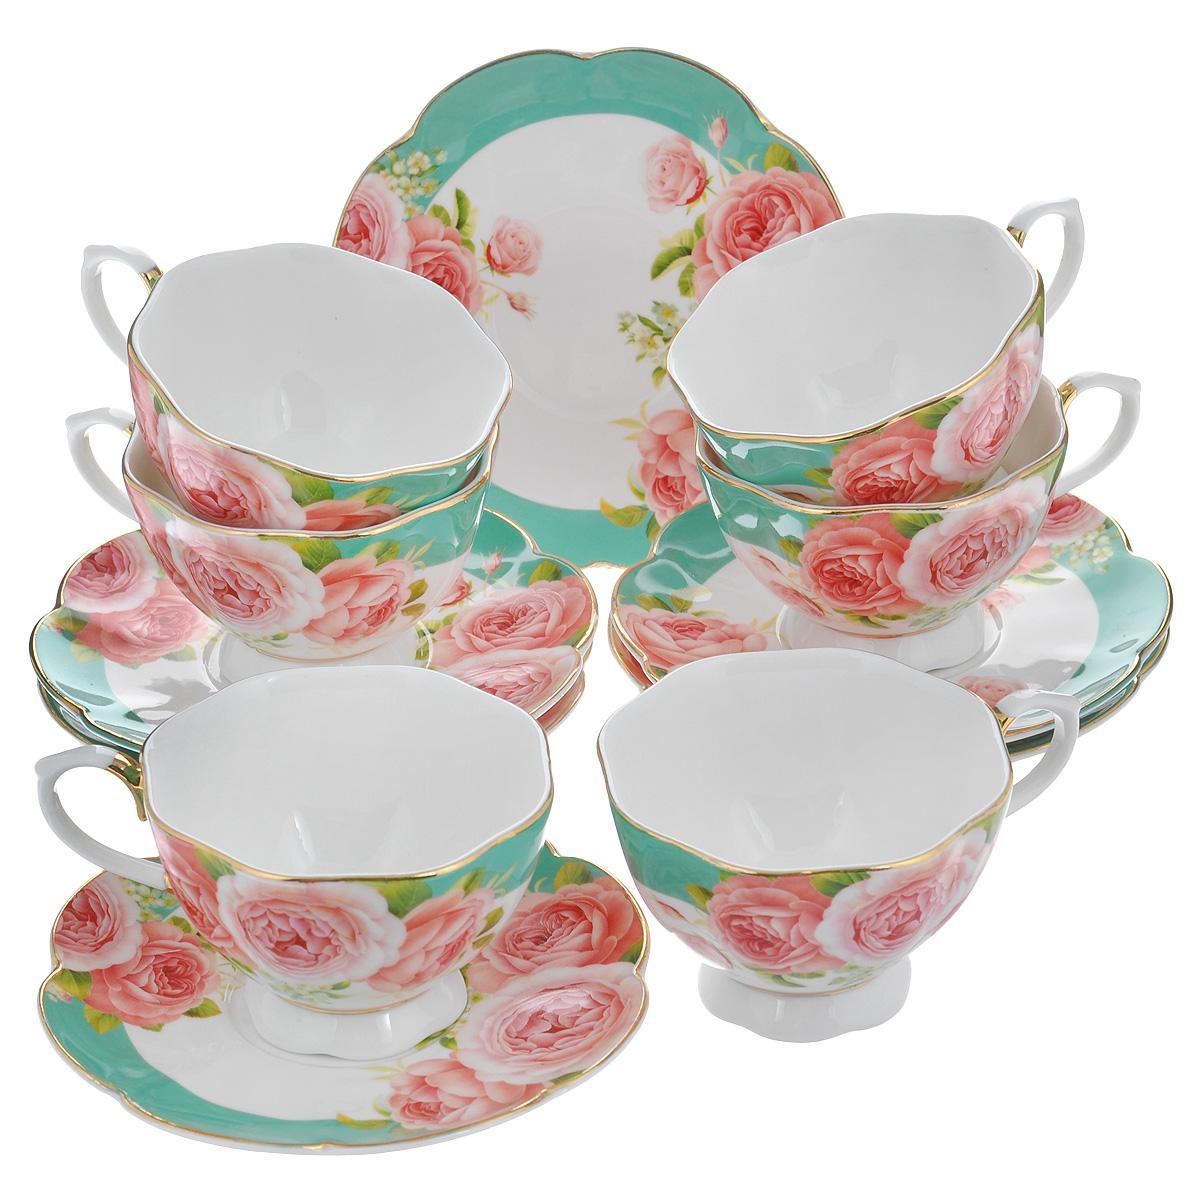 Набор чайный Korall Пионы, 12 предметовVT-1520(SR)Чайный набор Korall Пионы состоит из шести чашек и шести блюдец. Предметы набора, изготовленные из высококачественного фарфора, украшены красочным изображением пионов и золотистой окантовкой. Чашки оснащены изящными ручками. Элегантный дизайн набора придется по вкусу и ценителям классики, и тем, кто предпочитает утонченность и изысканность. Он настроит на позитивный лад и подарит хорошее настроение с самого утра. Изделия упакованы в круглую подарочную коробку, задрапированную атласной тканью. Чайный набор Korall Пионы - идеальный и необходимый подарок для вашего дома и для ваших друзей в праздники, юбилеи и торжества. Объем чашки: 250 мл.Диаметр чашки (по верхнему краю): 10 см.Диаметр основания: 5,5 см.Высота чашки: 6,5 см.Диаметр блюдца: 15 см.